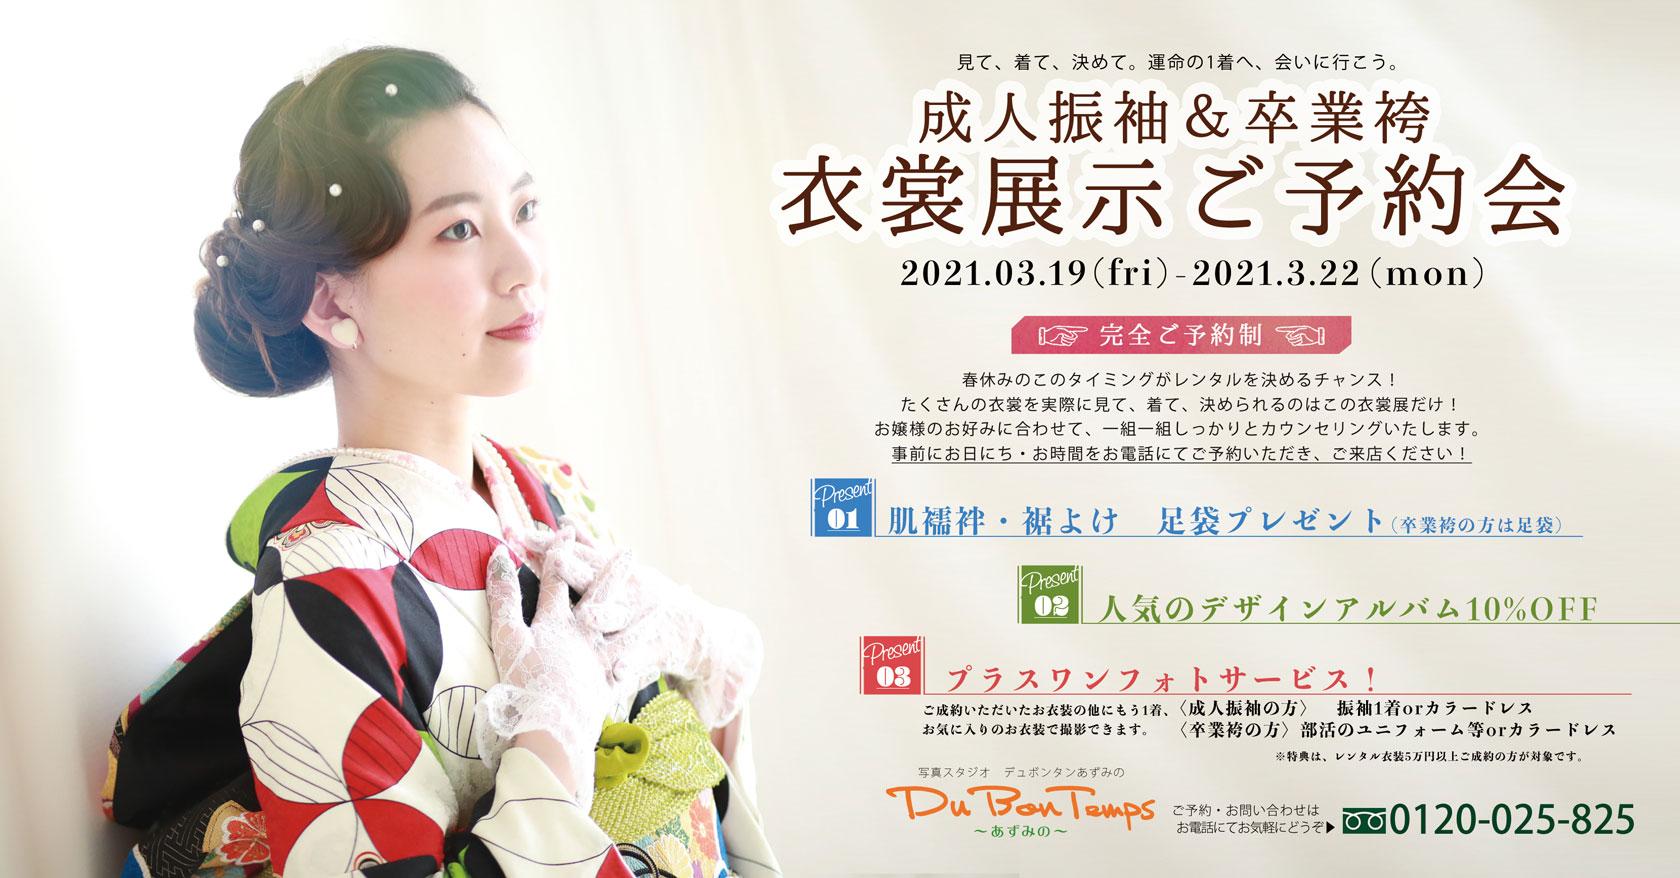 成人振袖×卒業袴 衣裳展示&ご予約会 3月開催 デュボンタンあずみの店にて開催!